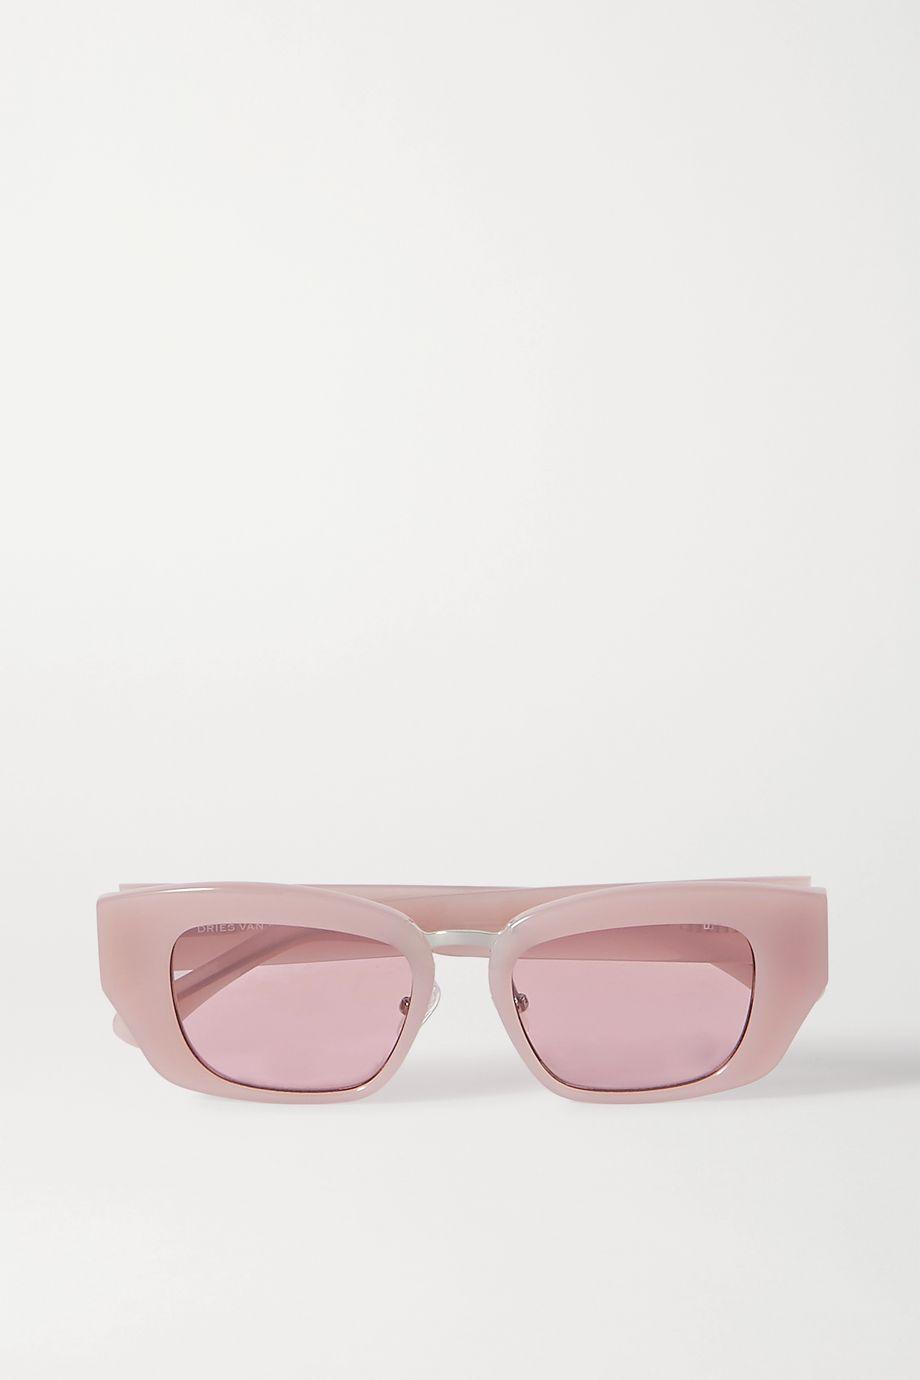 Dries Van Noten Sonnenbrille mit eckigem Rahmen aus Azetat